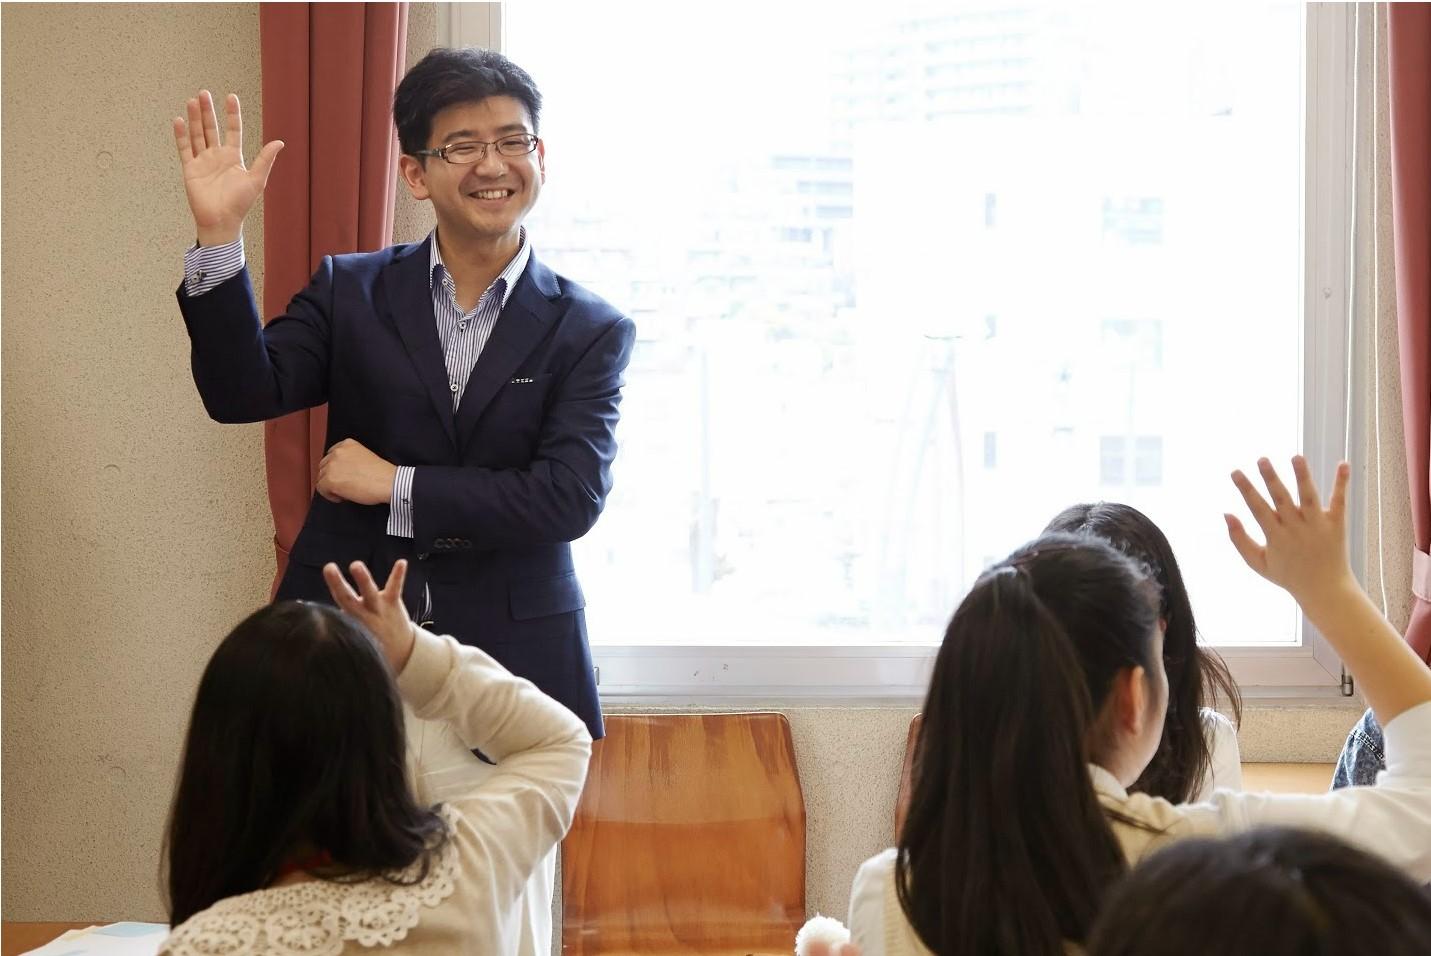 ワークショップを展開する著者(倉部史記氏)